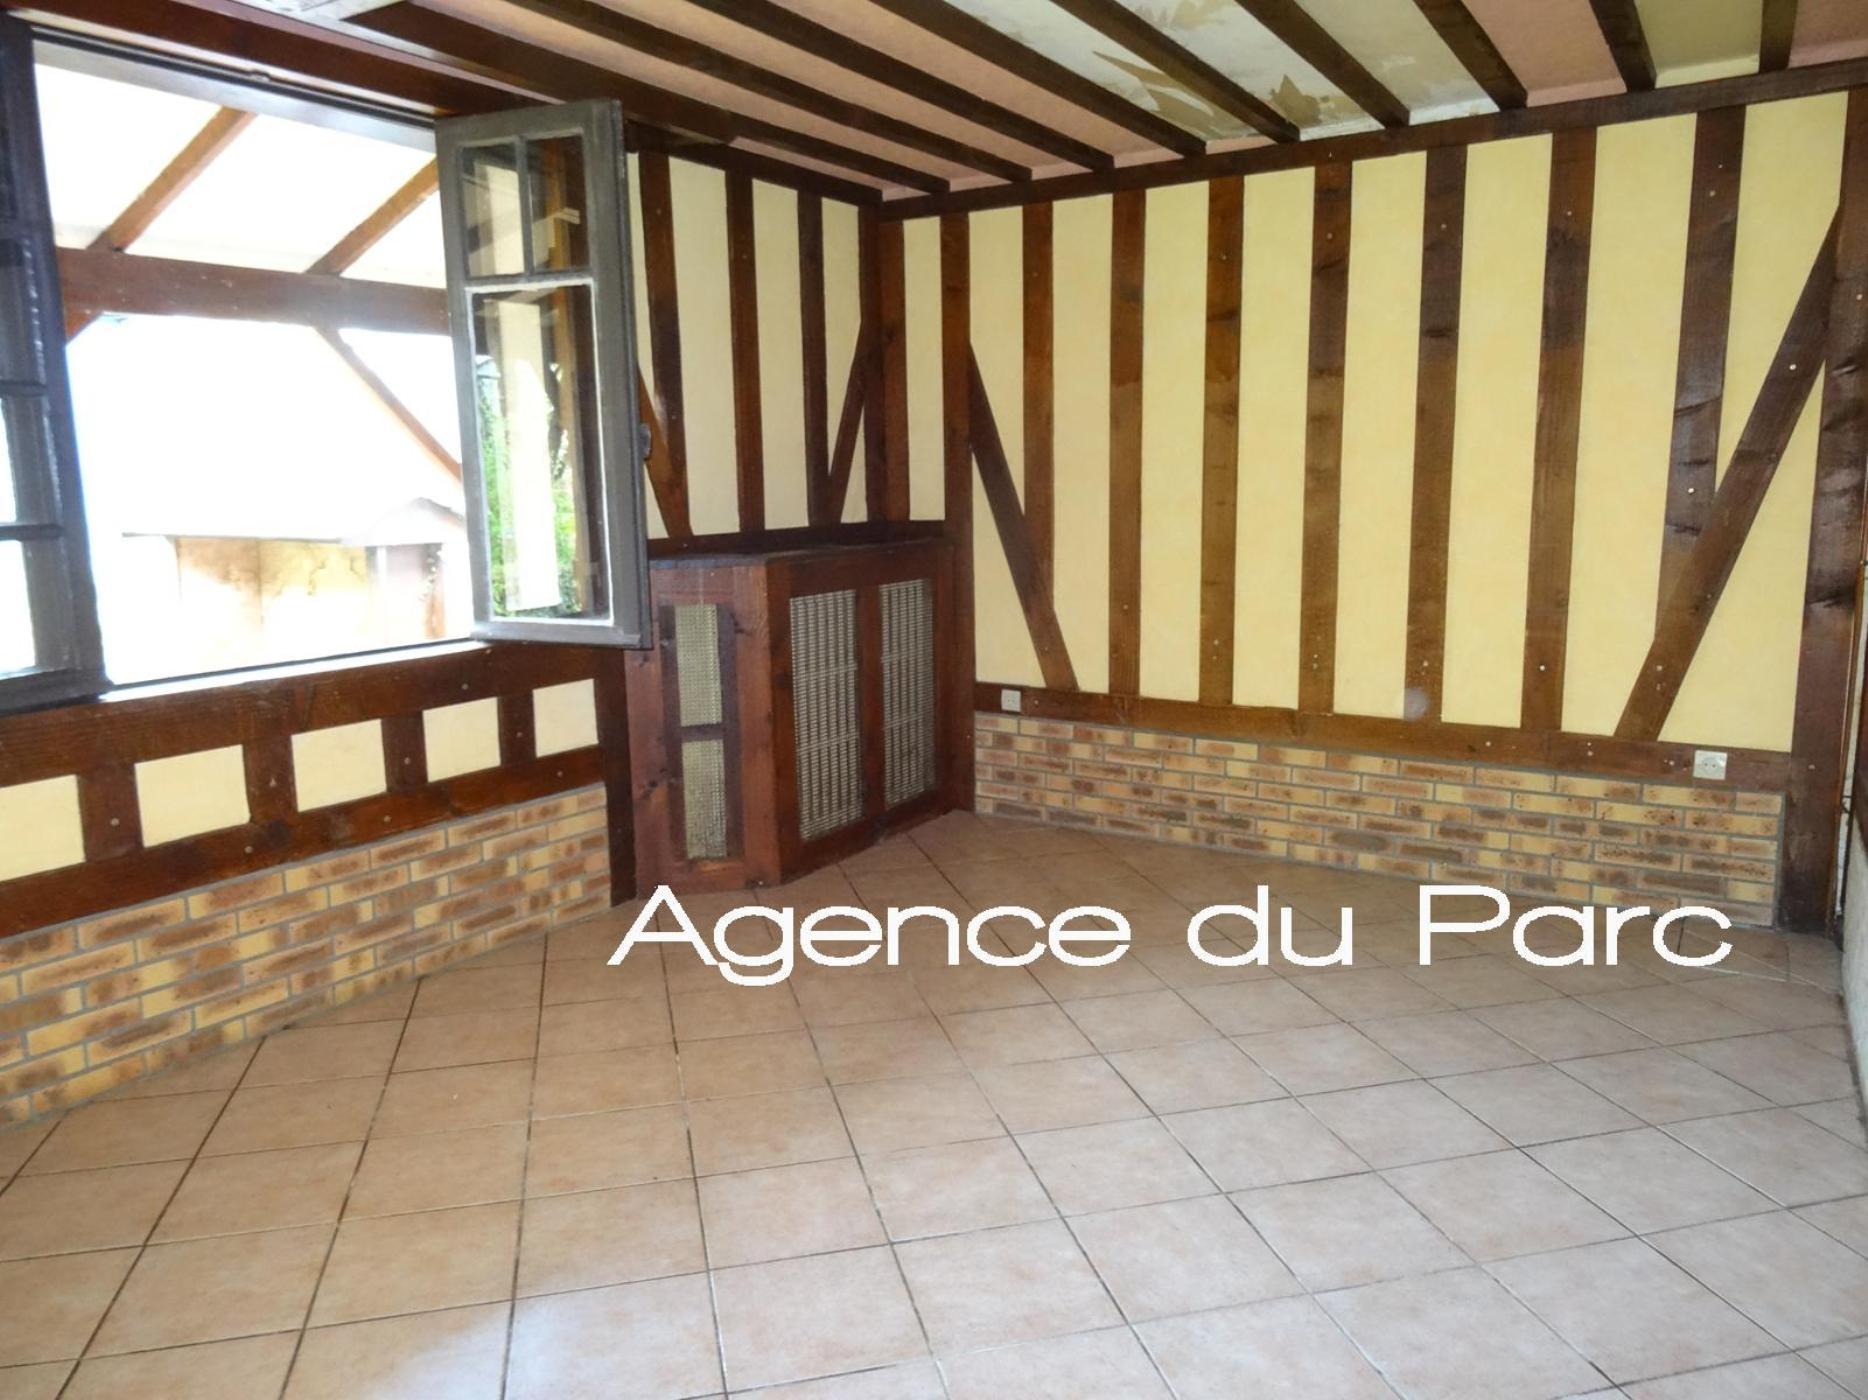 Acheter vente d 39 une maison de ville caudebec en caux for Acheter une maison par agence immobiliere